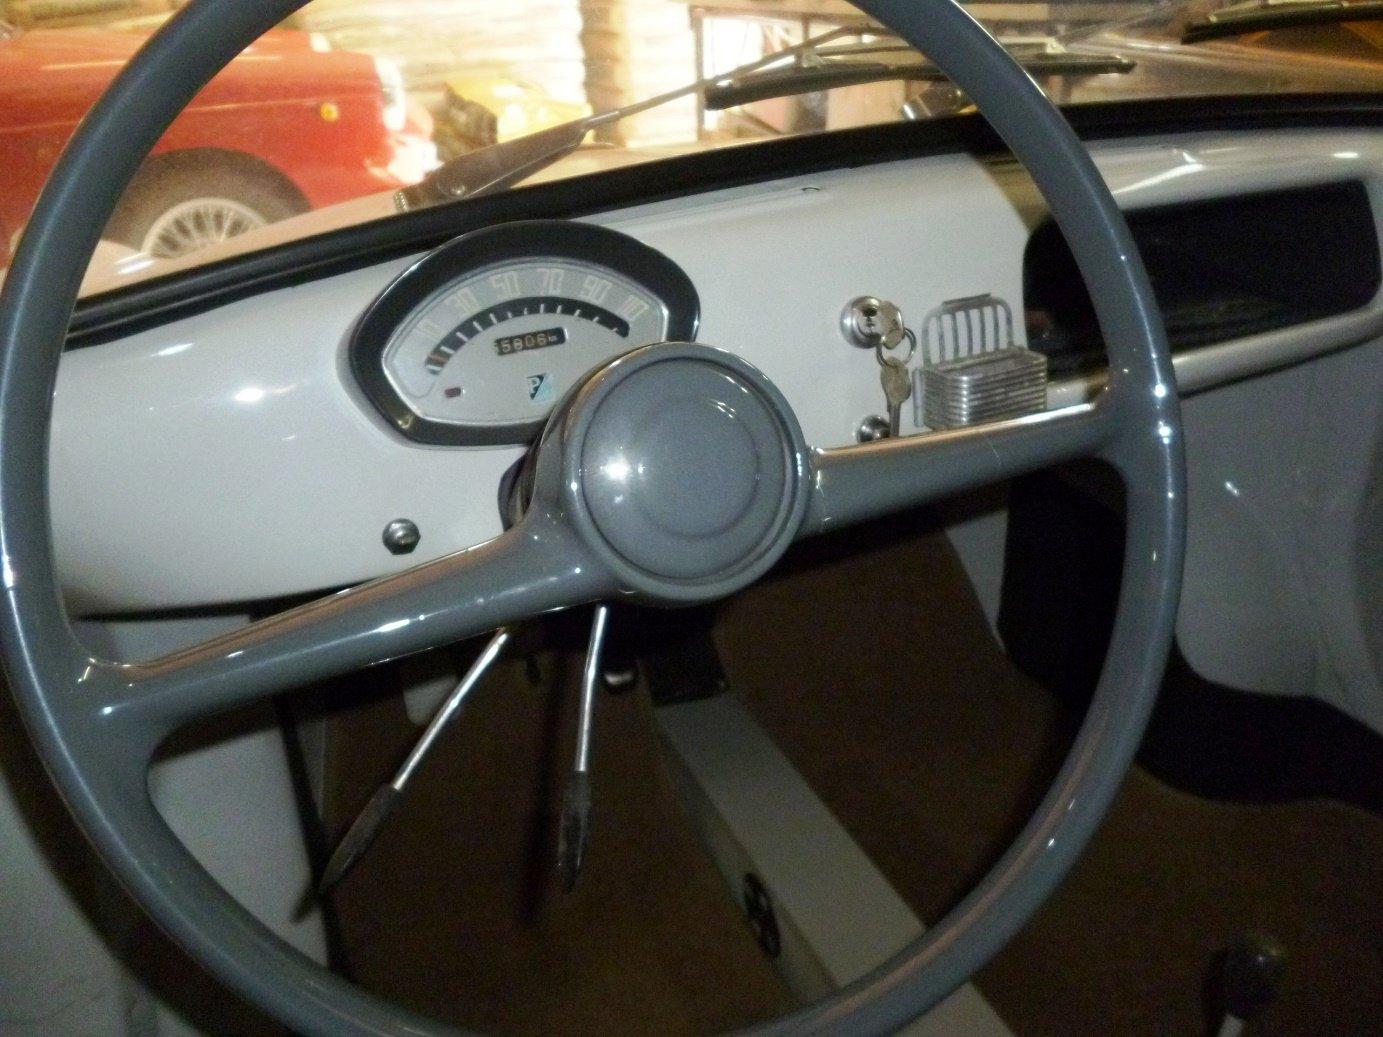 1960 Piaggio Vespa Acma 400 microcar For Sale (picture 5 of 6)